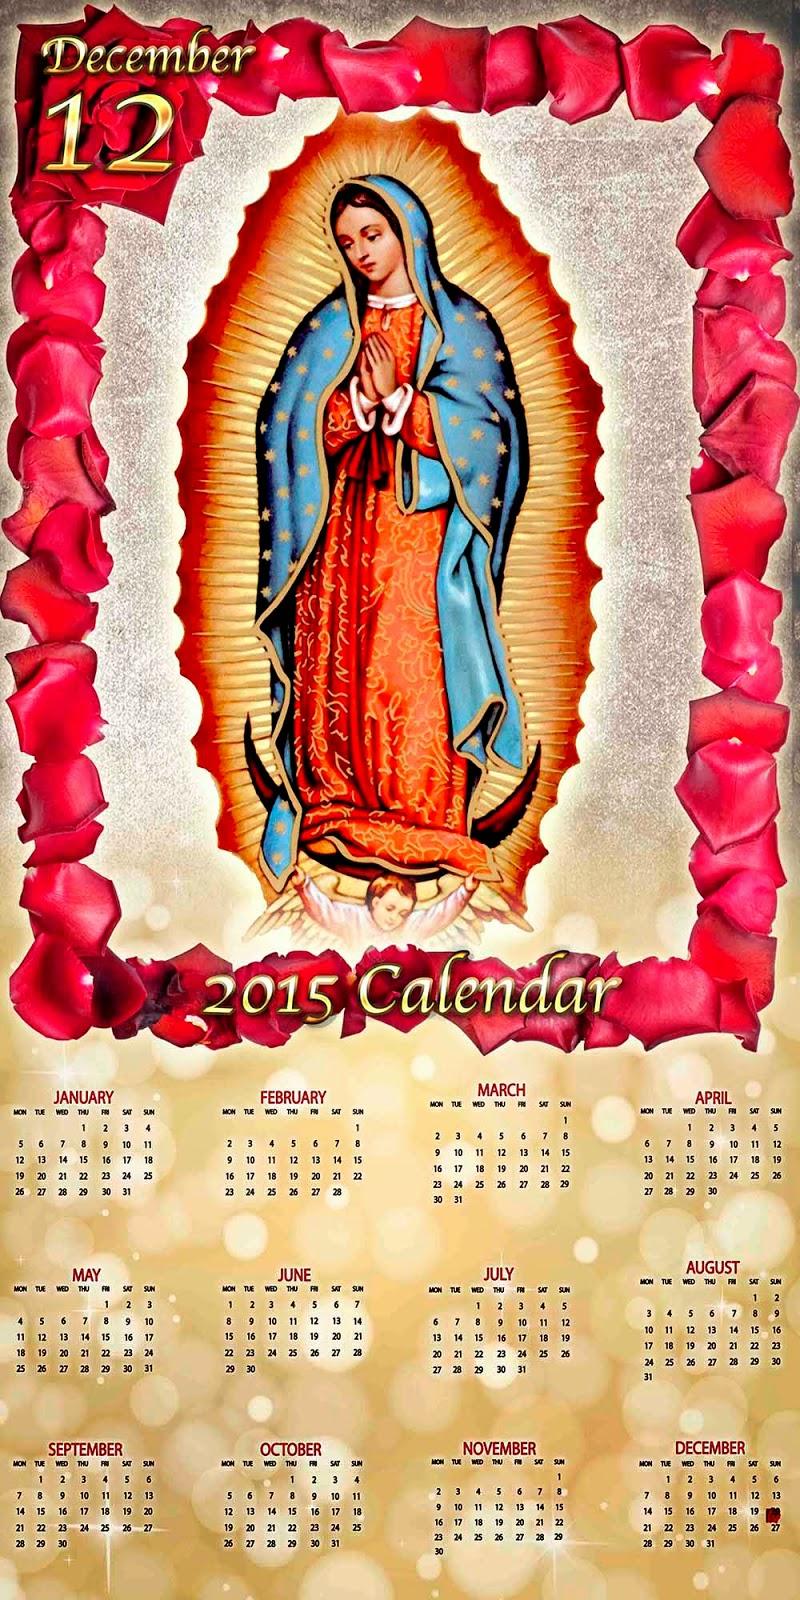 Pergamino guadalupano con calendario 2015